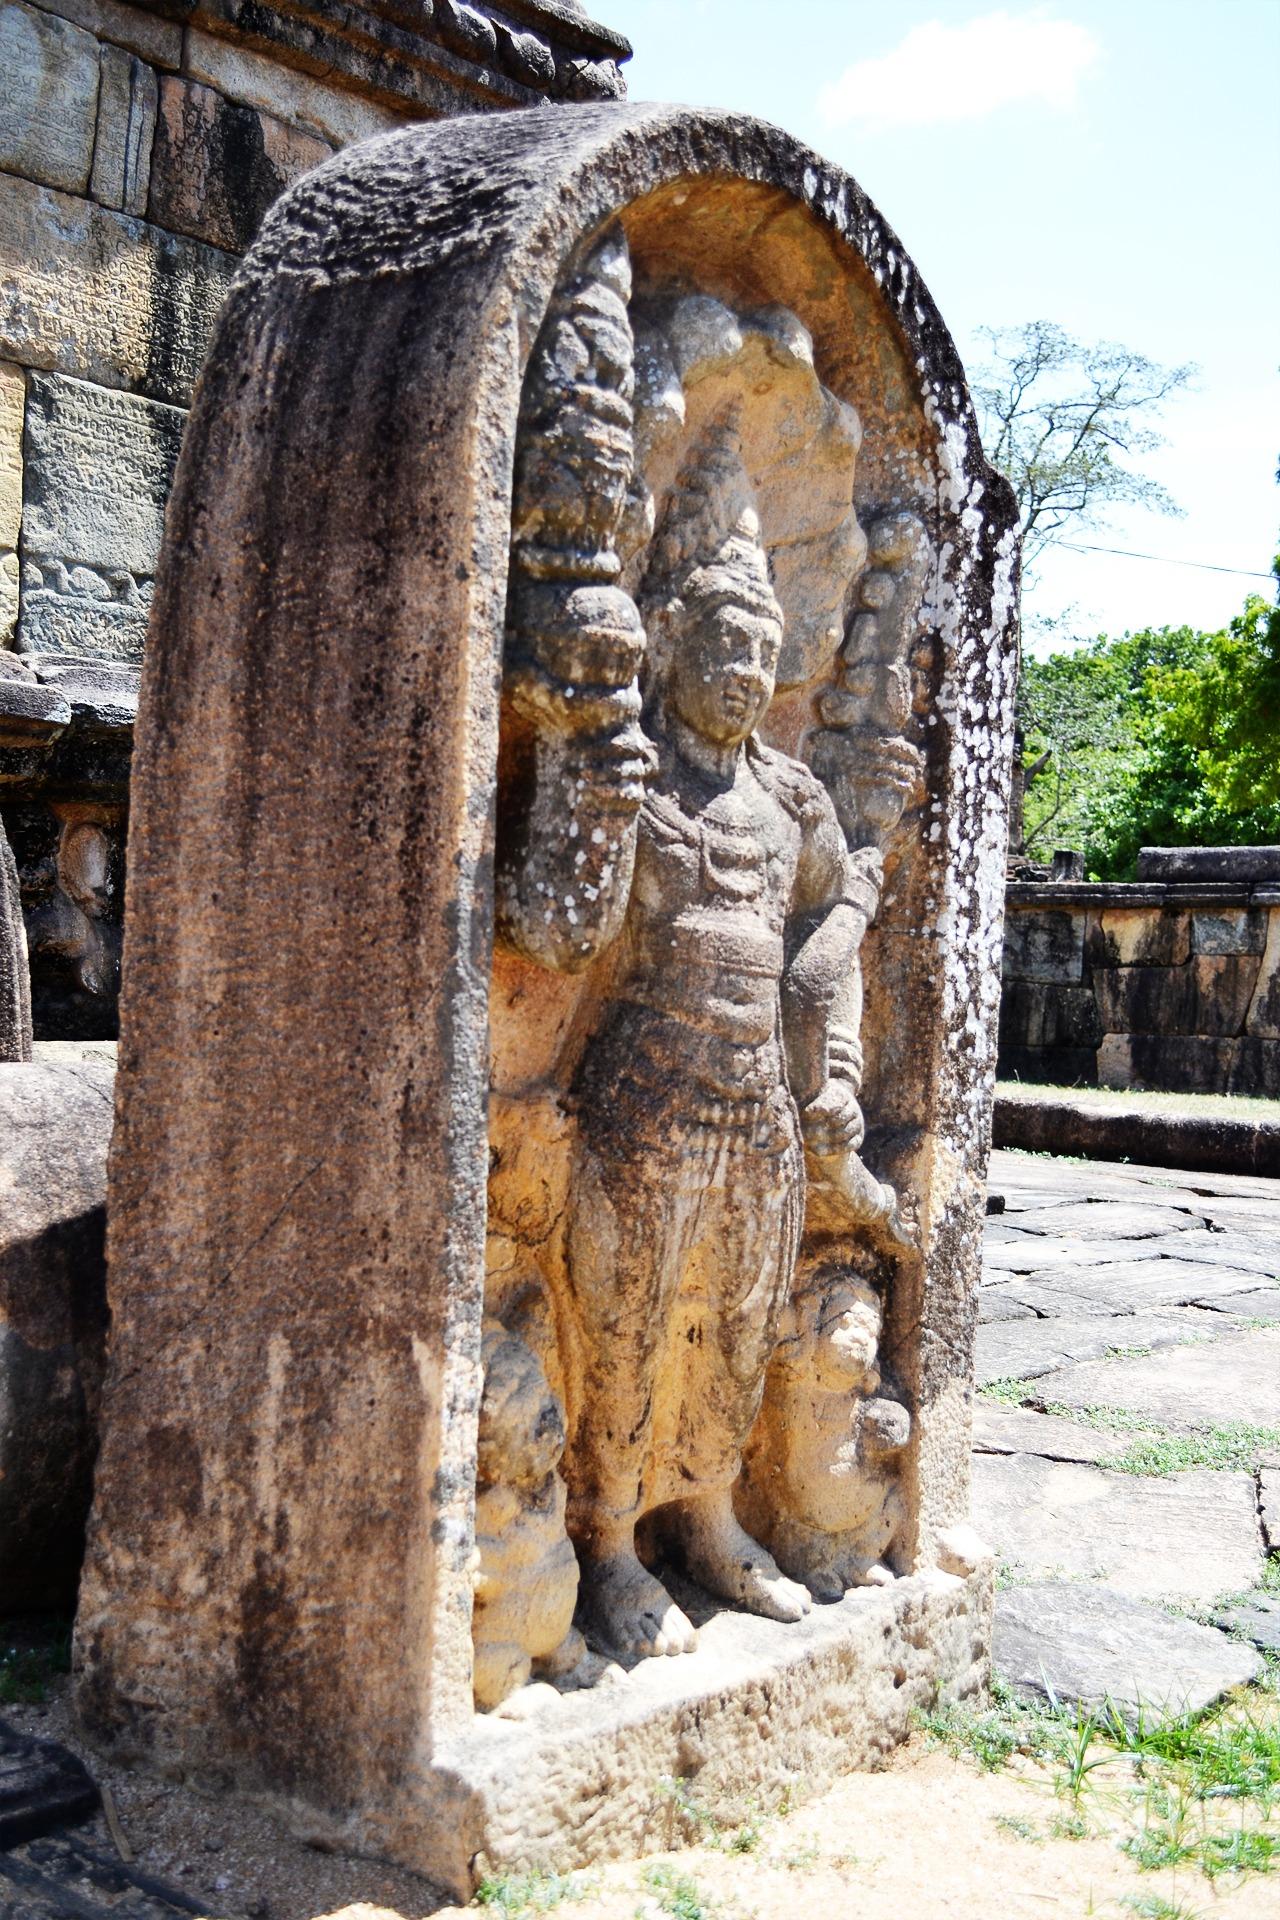 Guard stone mura gala polonnaruwa free image.